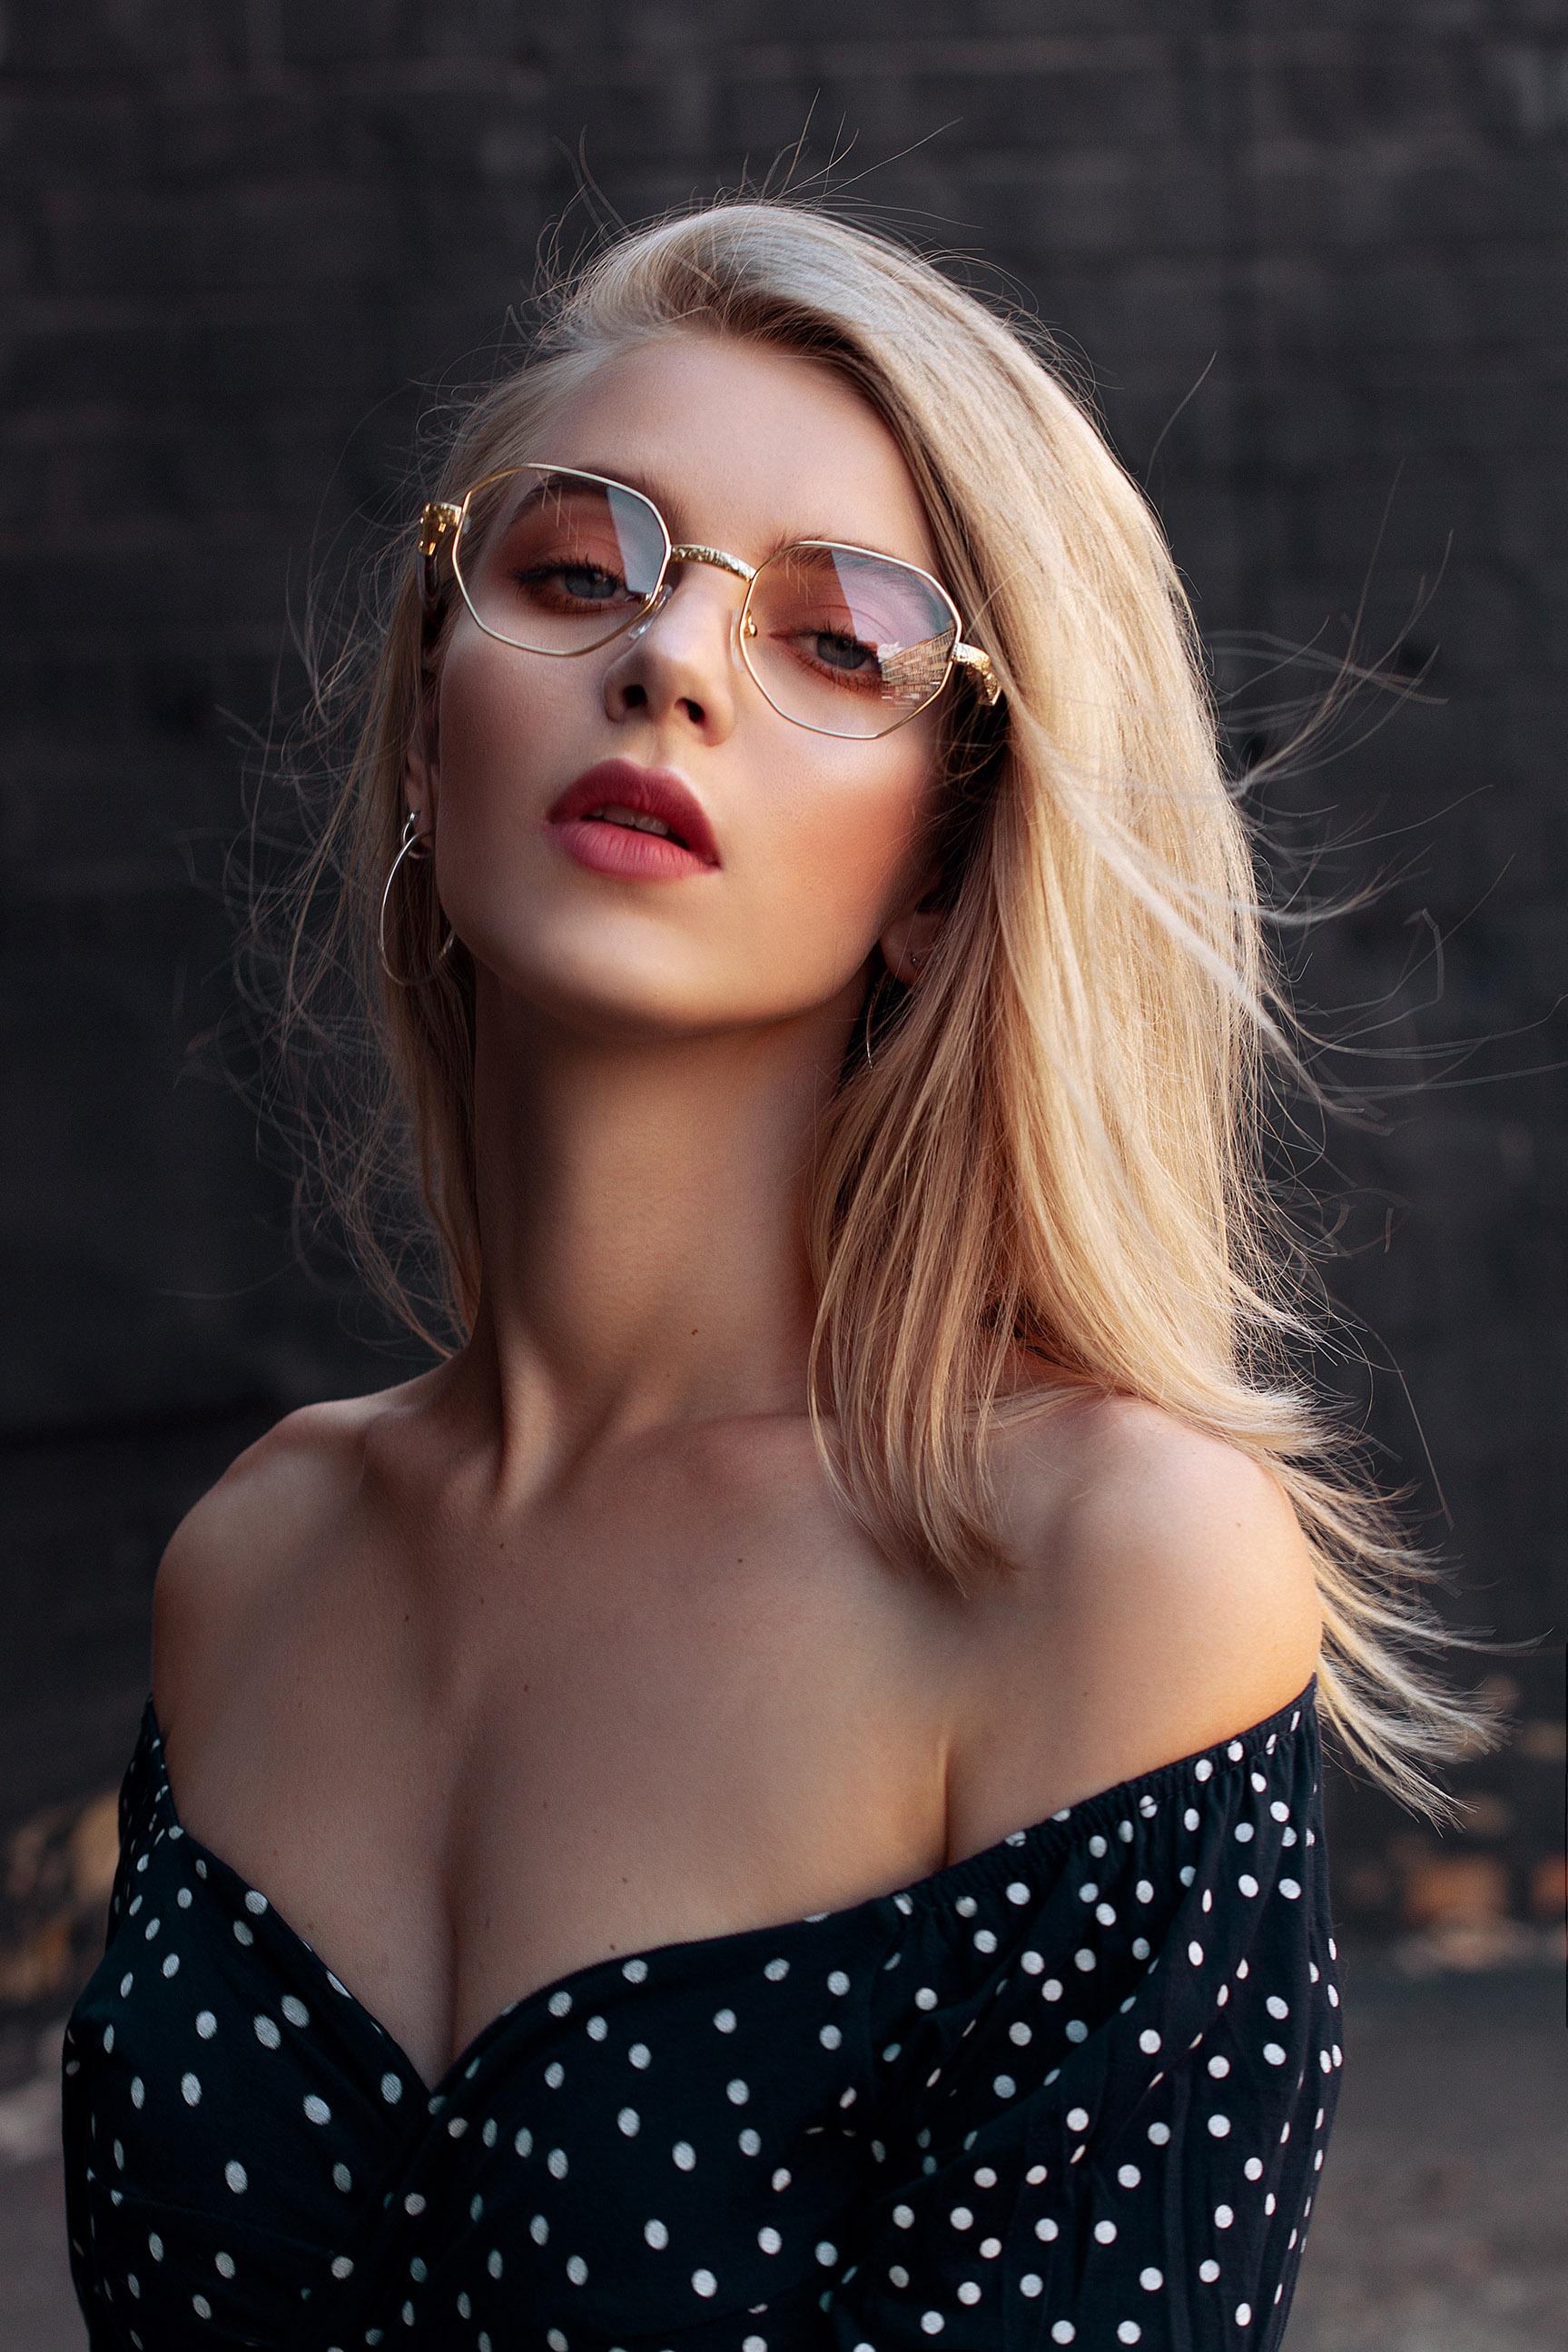 Katie Kosova by Tim Rise / Jimmy Swagg Eyewear 2018